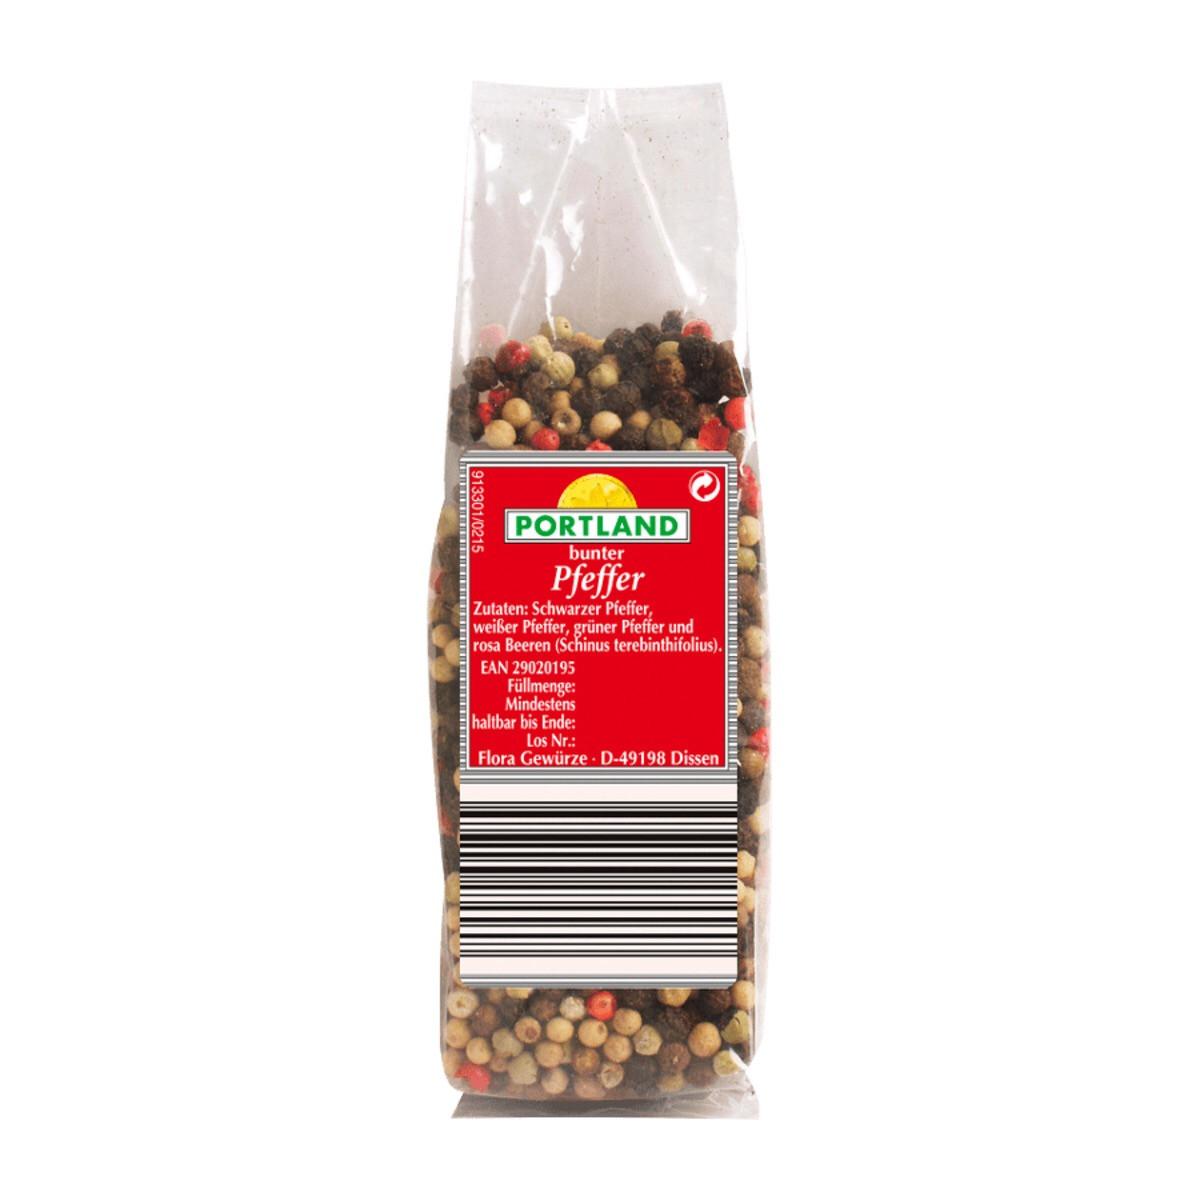 Микс четырех перцев горошком Portland Pfeffer Bunter, 90 грамм